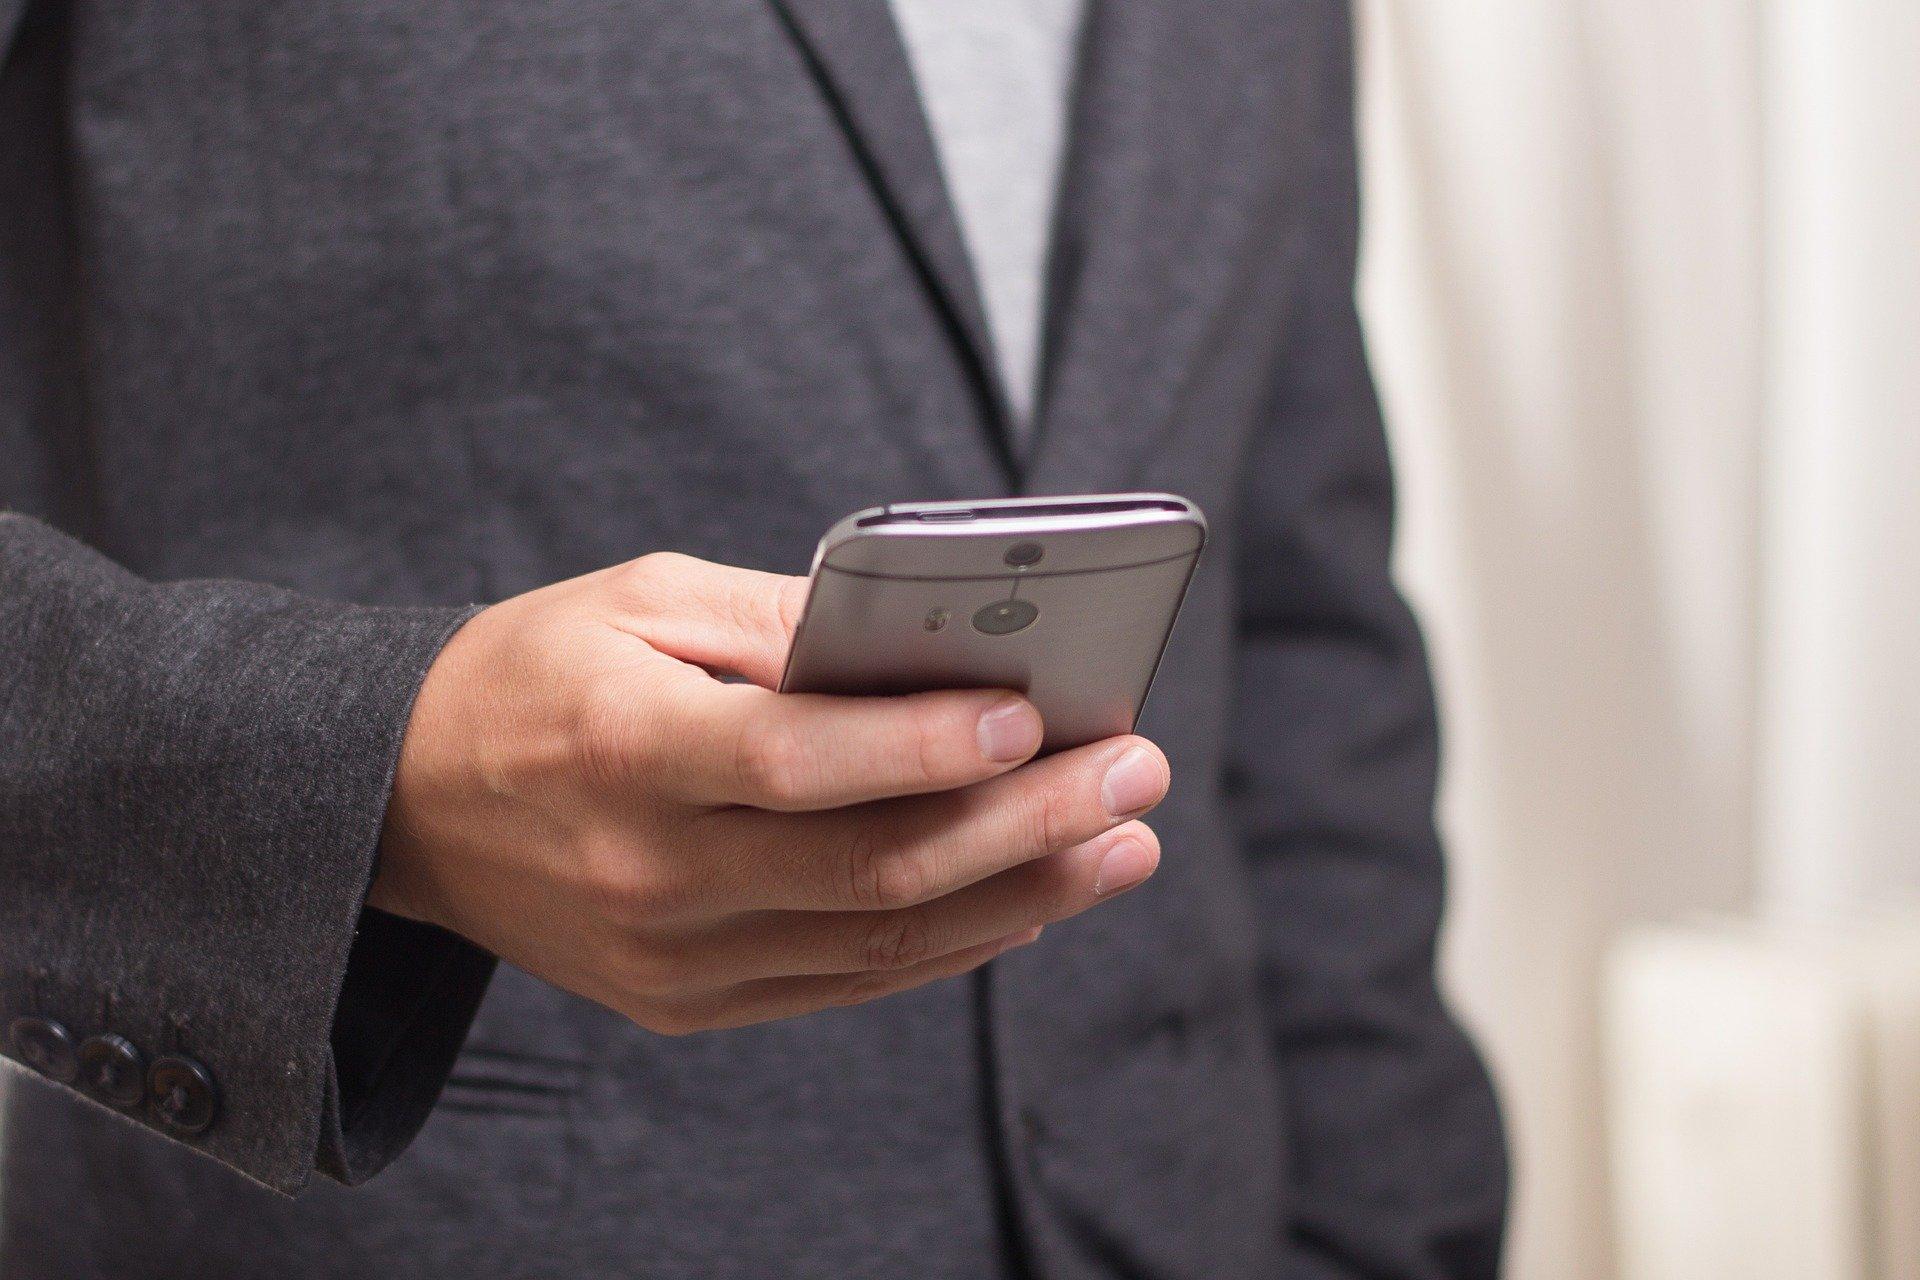 SANOK: Odebrał telefon od fałszywego pracownika banku i stracił kilkanaście tysięcy złotych - Zdjęcie główne